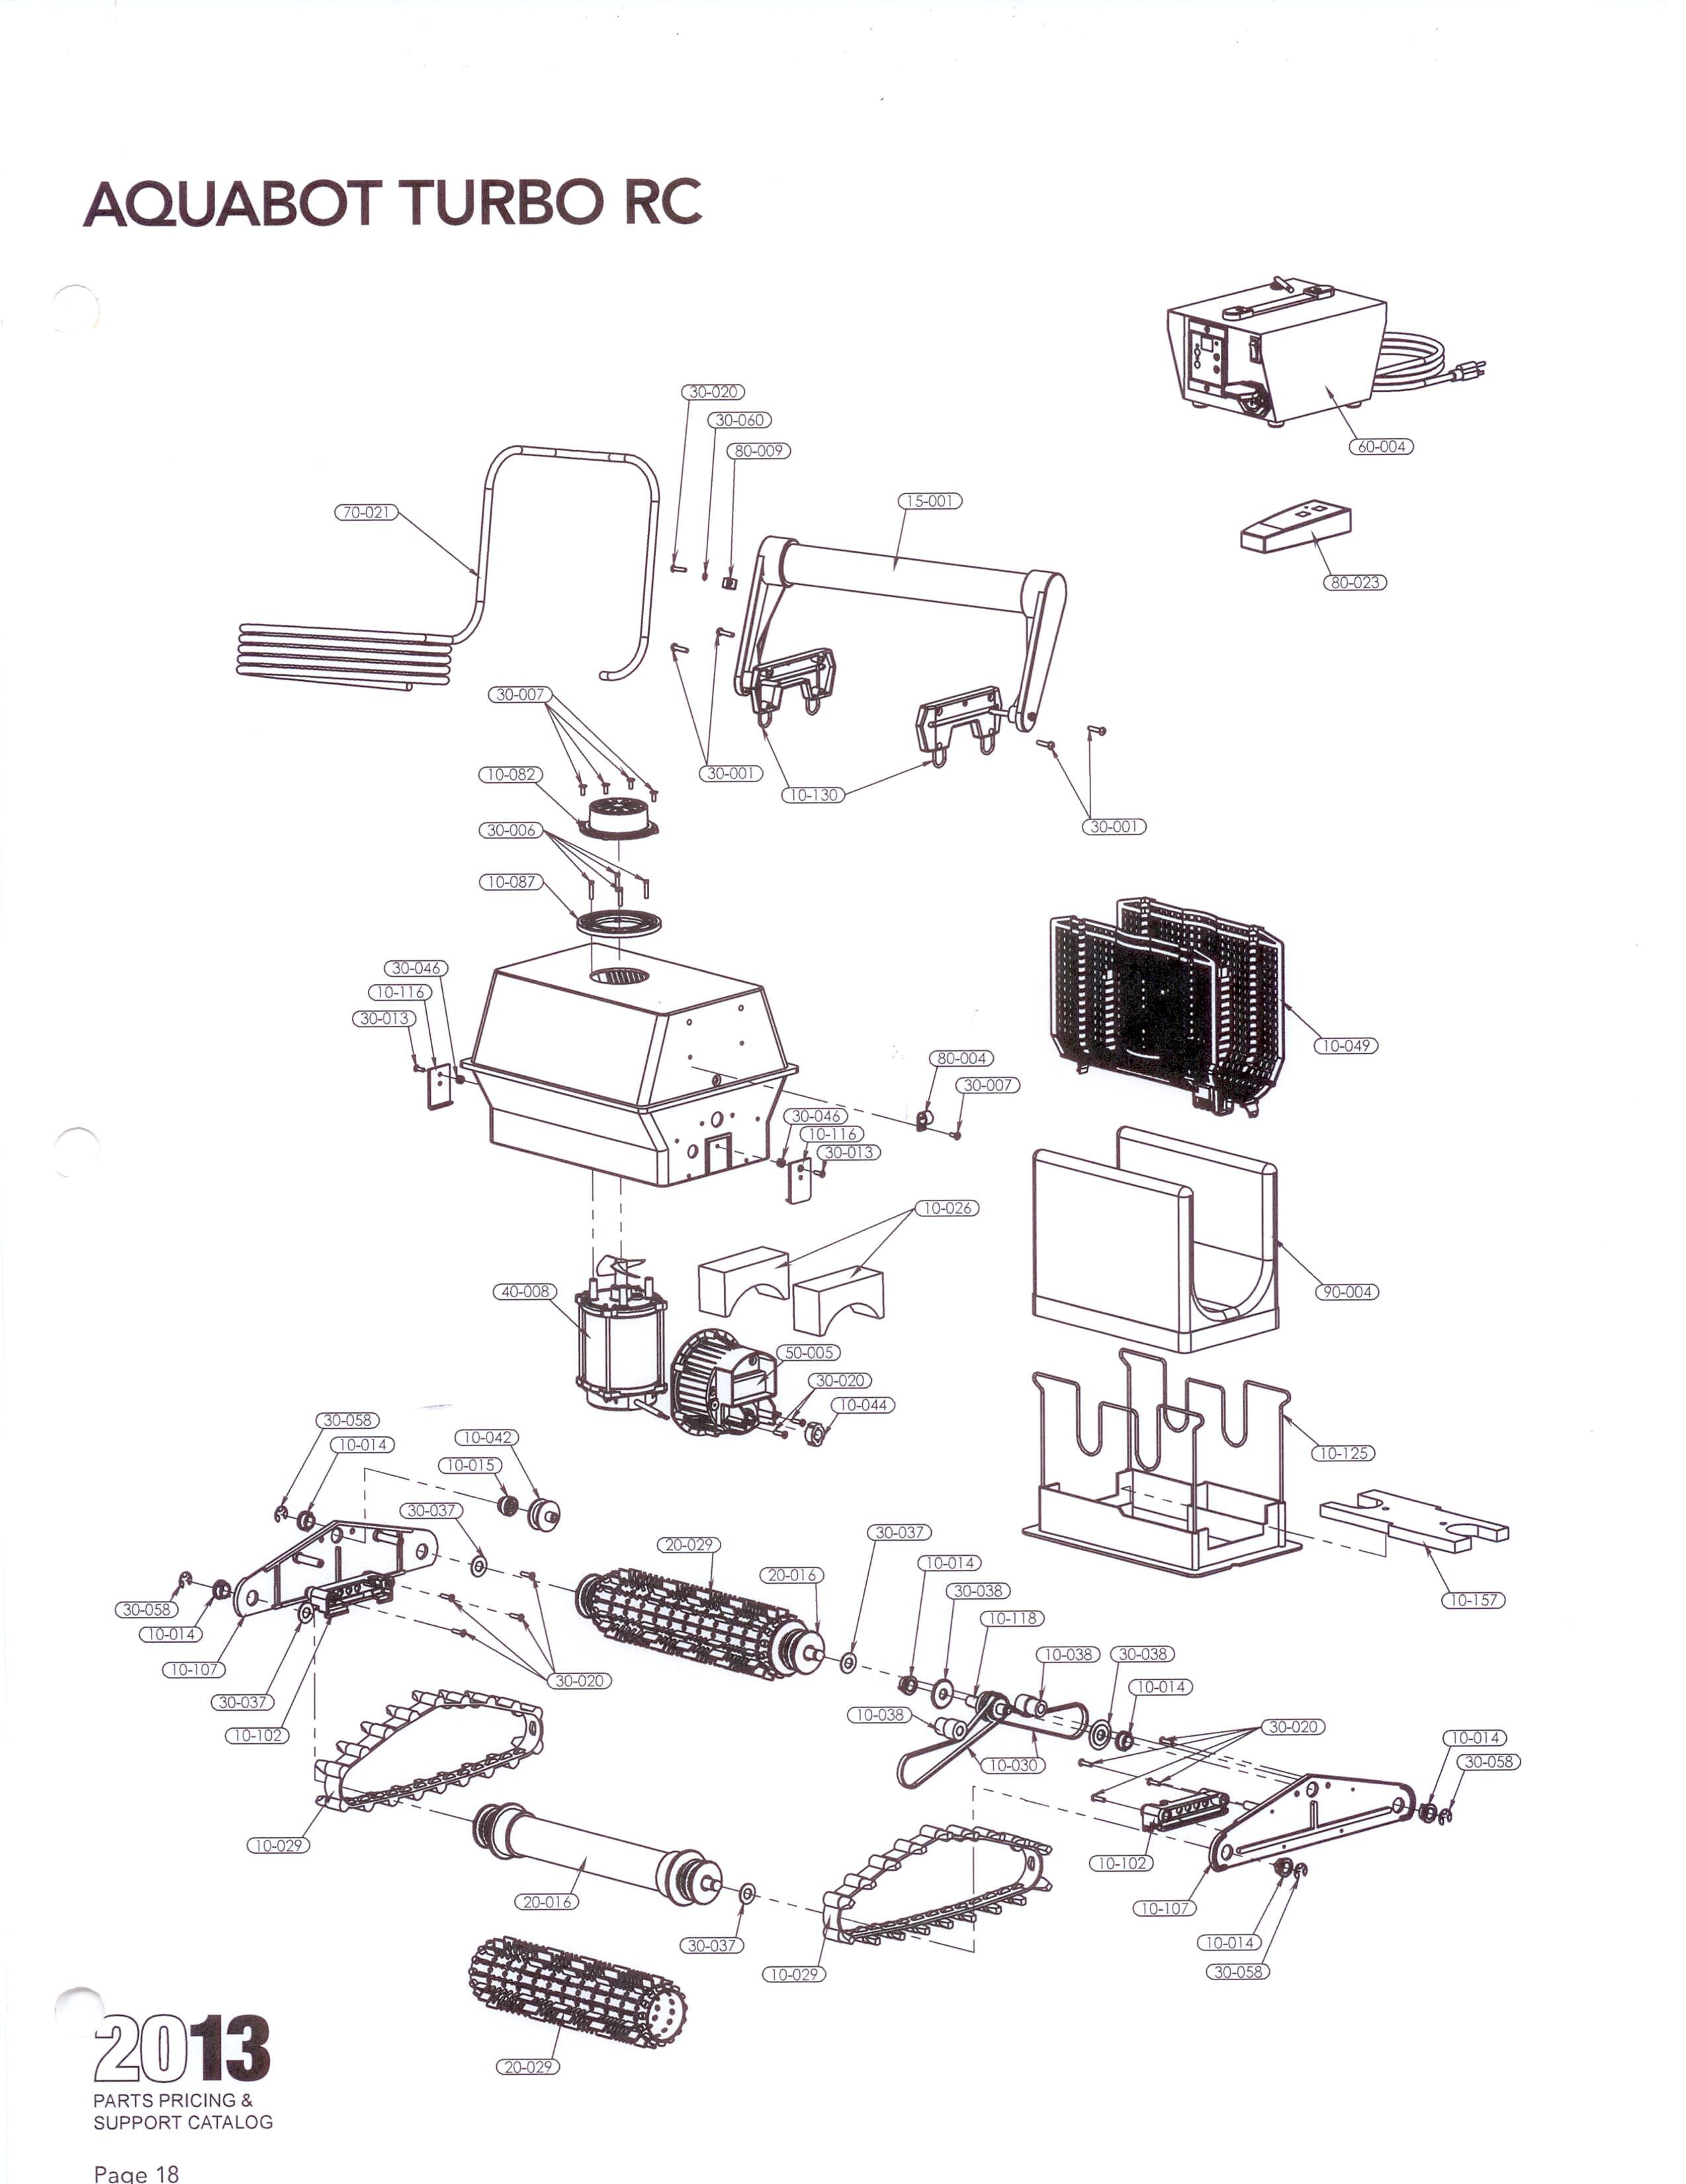 Parts By Cleaner Aquabot Turbo Rc Aquabot Parts Aqua